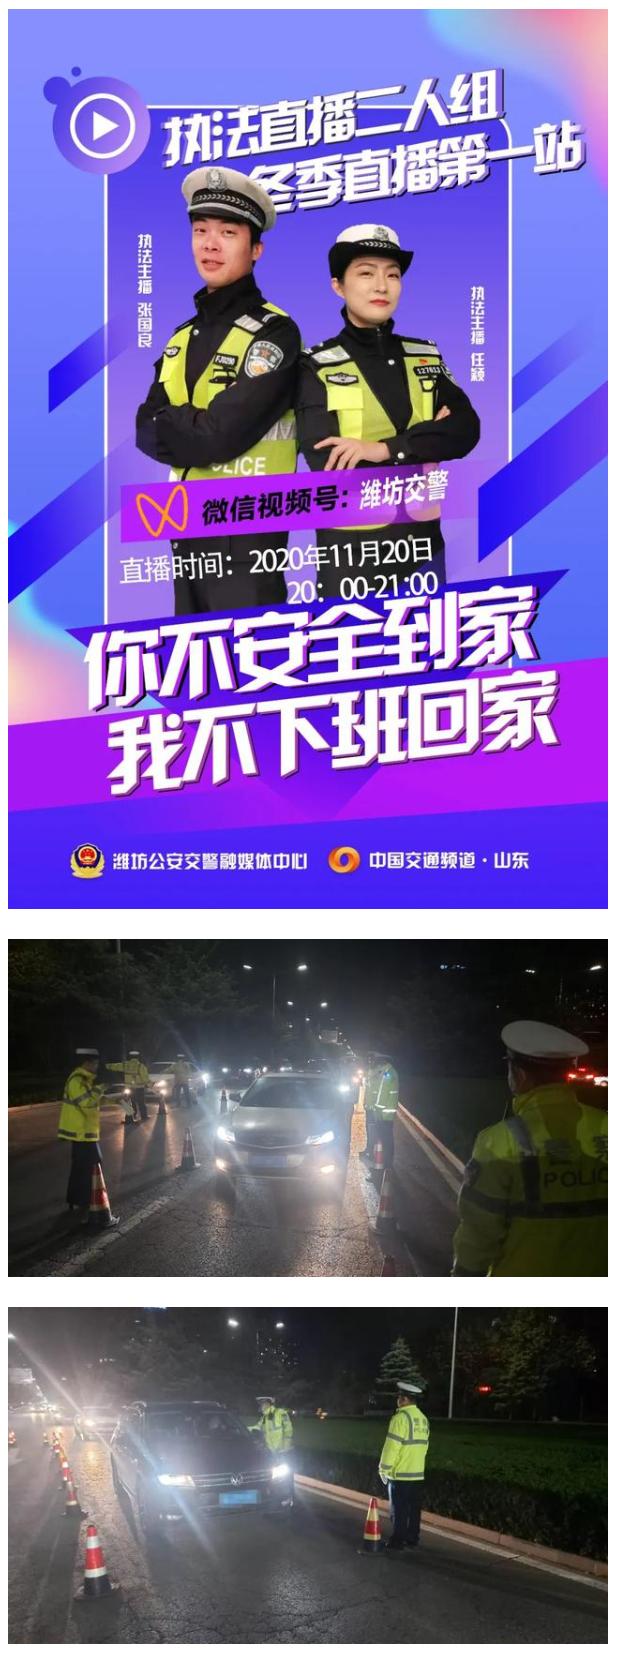 微信视频号直播执法,潍坊交警作出新尝试!